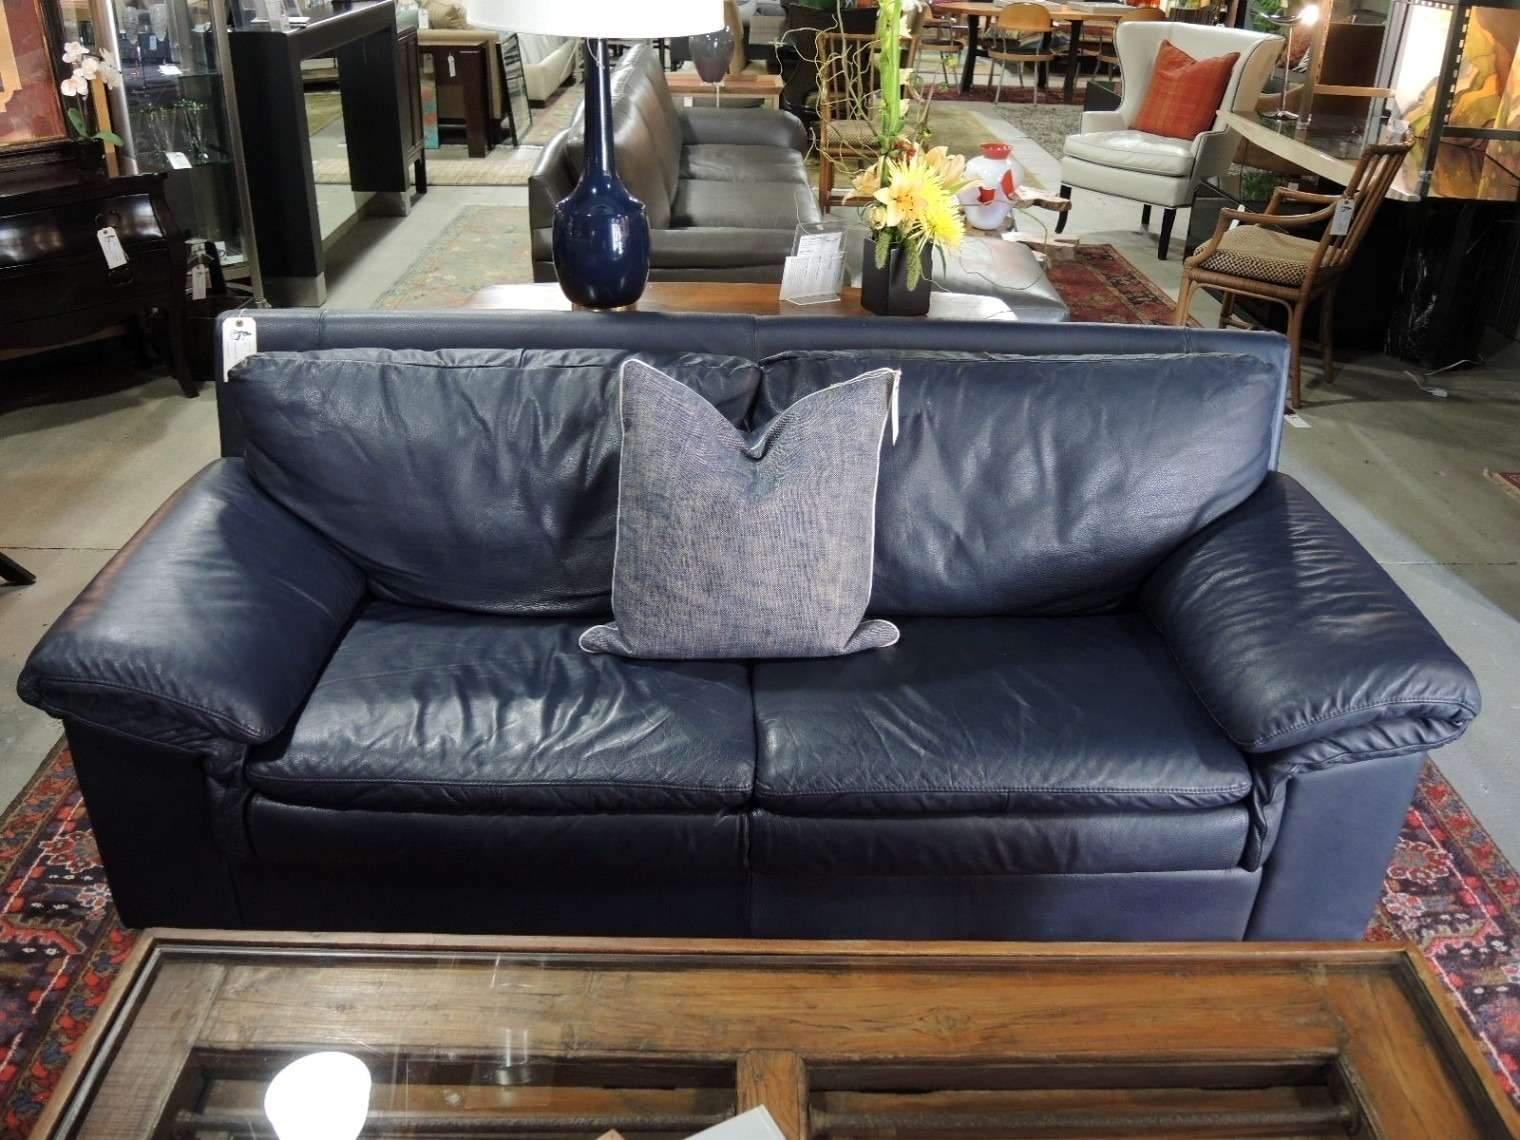 Full Size of Wohnzimmer Liege Einzigartig Lounge Couch Tapete Deckenlampen Modern Vinyl Fürs Bad Schrank Deckenleuchte Vinylboden Board Hängelampe Regal Für Dachschräge Wohnzimmer Liegestuhl Für Wohnzimmer